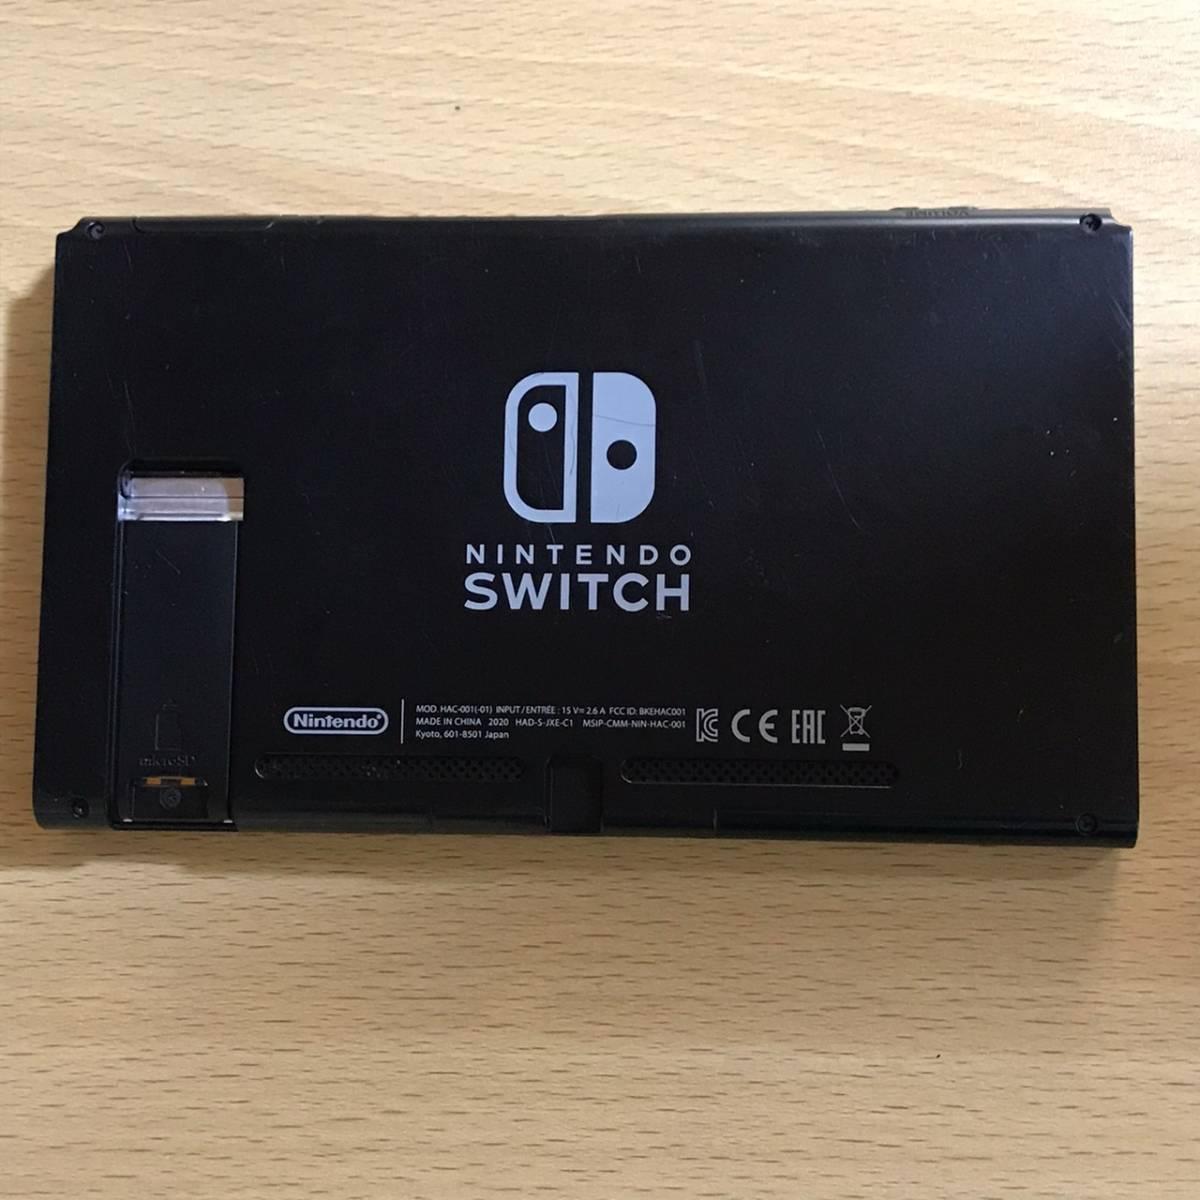 動作確認済み ニンテンドースイッチ Nintendo Switch HAC-001(01) 2019製 新型 バッテリー拡張 本体のみ スタンド欠品 任天堂 SC-238_画像2